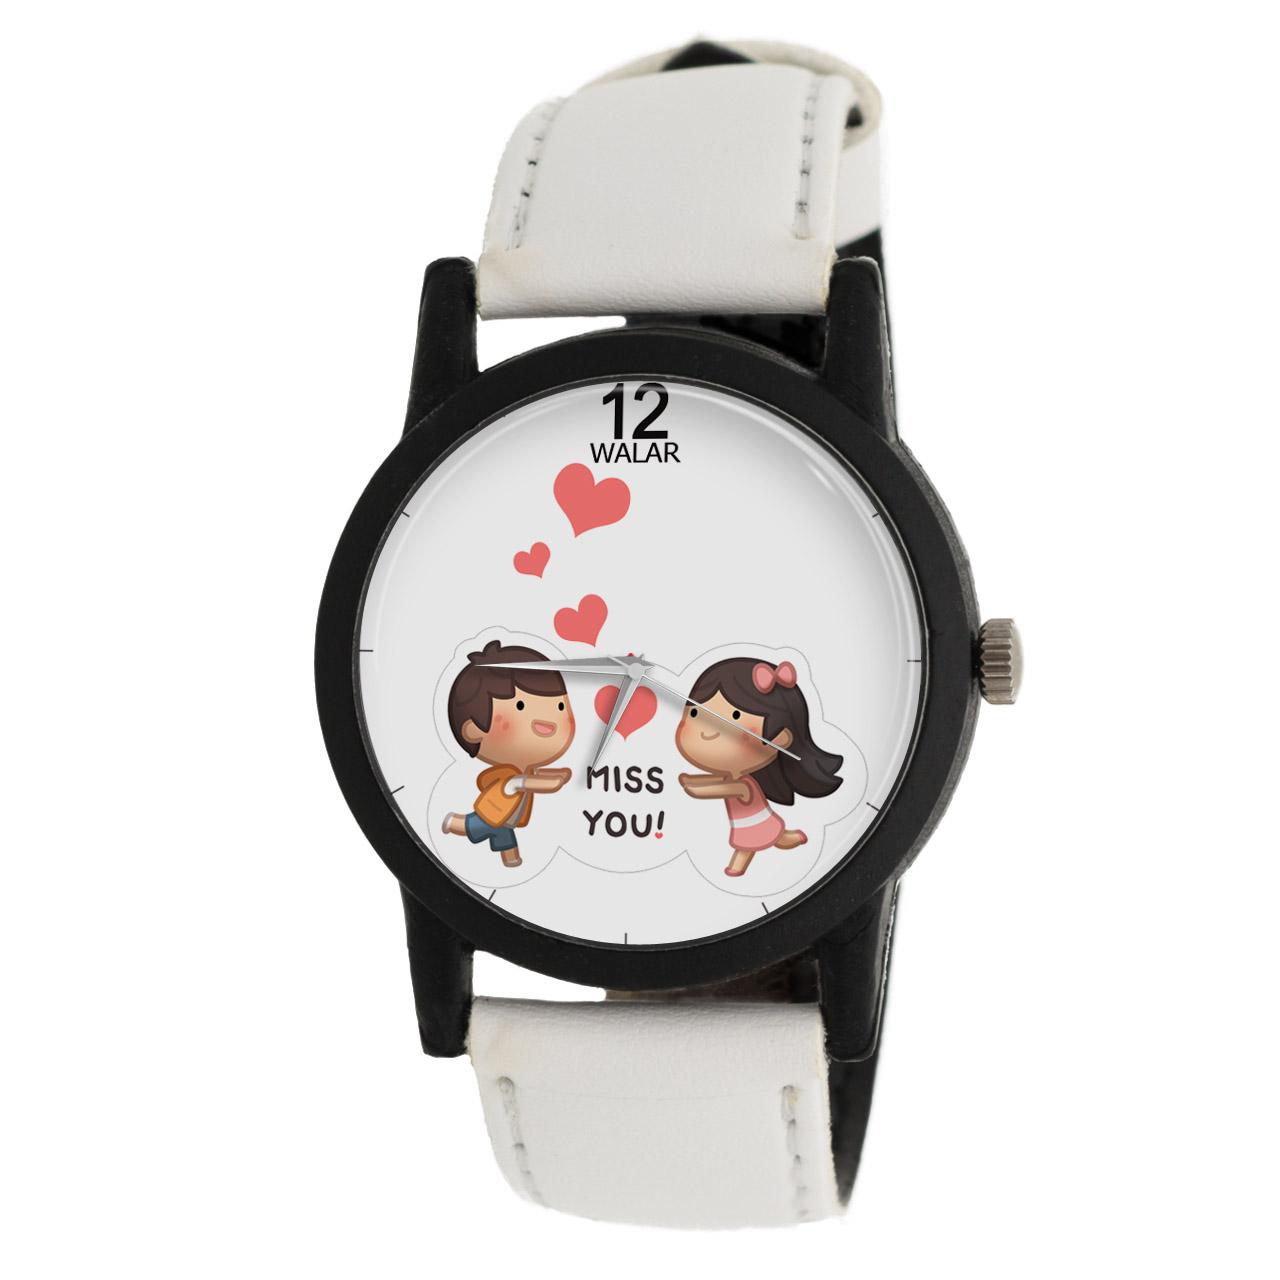 ساعت مچی عقربه ای زنانه والار مدل LF1436